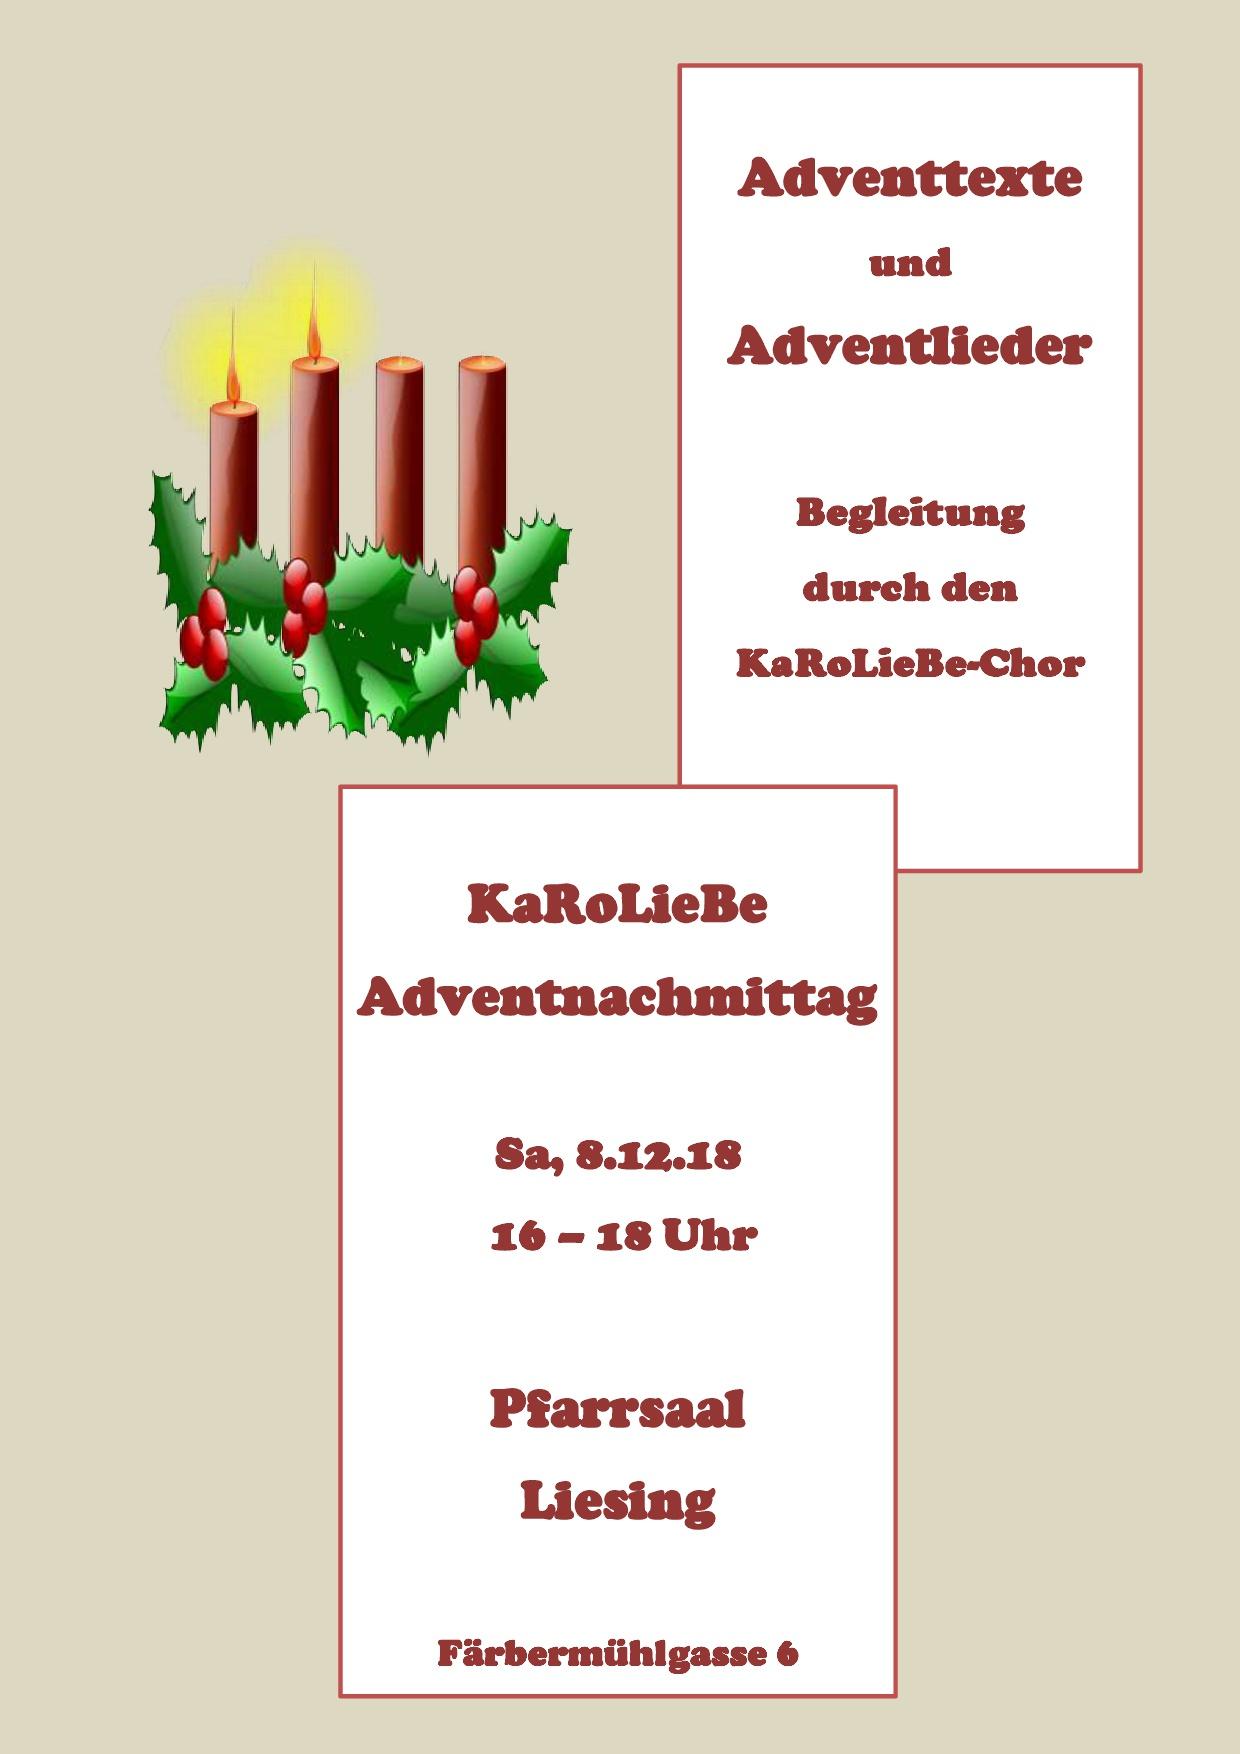 Einladung zum KaRoLieBe-Adventnachmittag am 8. Dezember um 16.00 Uhr